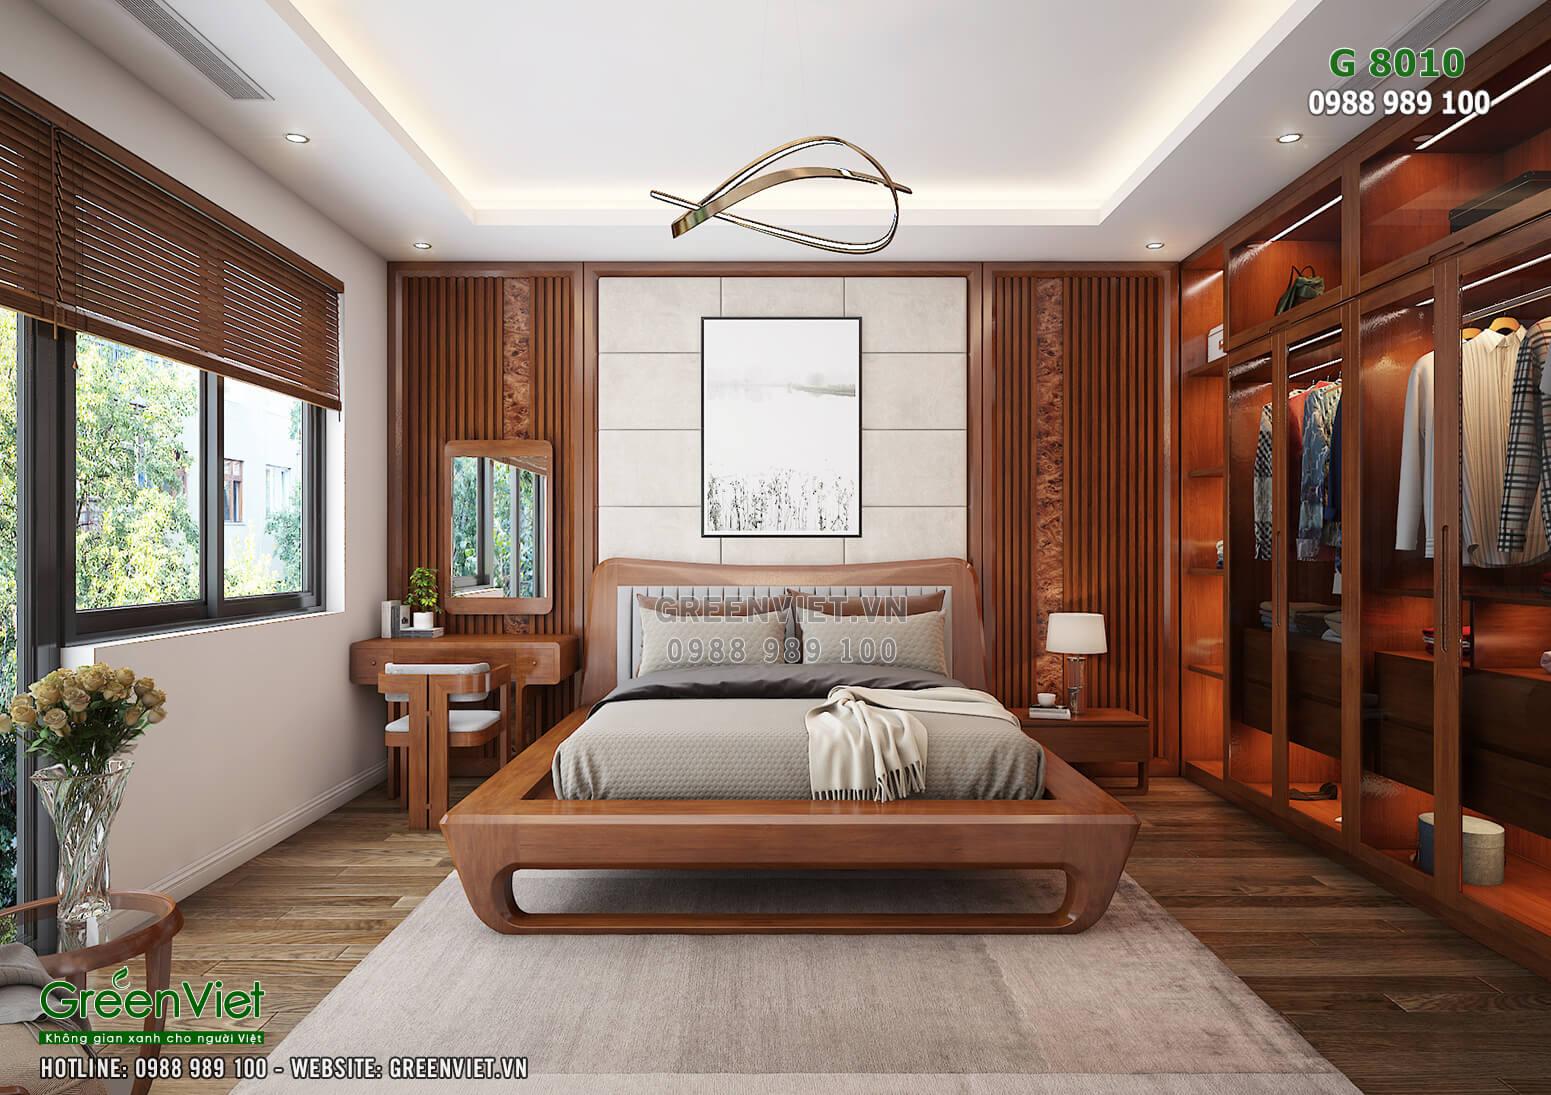 Thiết kế nội thất phòng khách hiện đại bằng gỗ óc chó